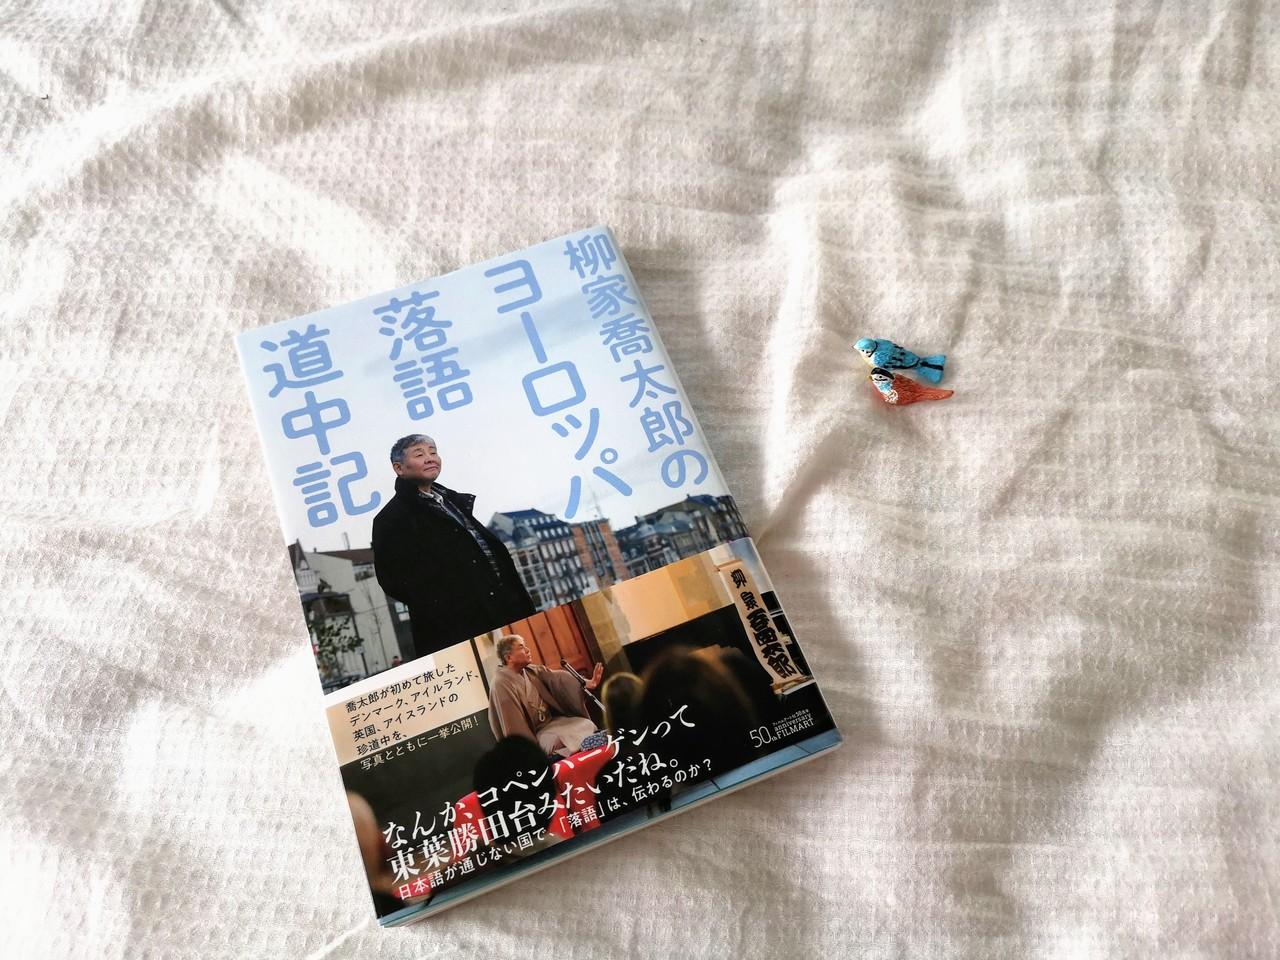 柳家喬太郎のヨーロッパ落語道中記